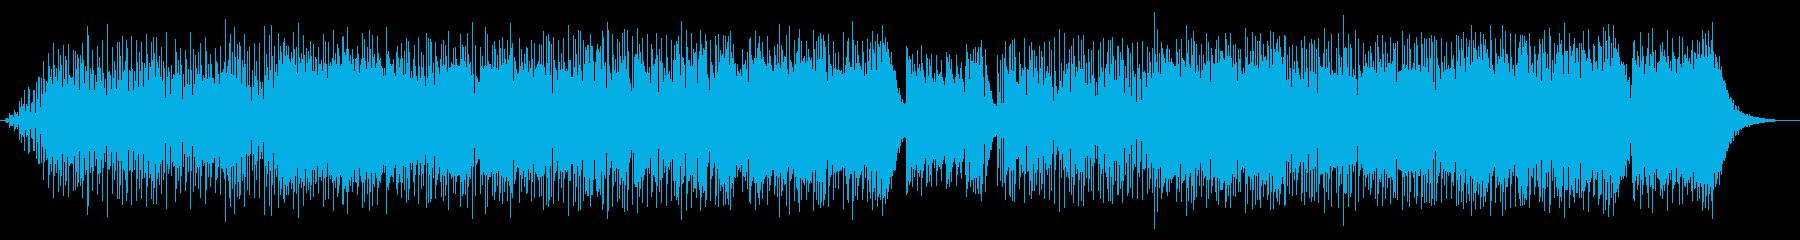 英語の男声ボーカル ポップス 失恋の歌の再生済みの波形